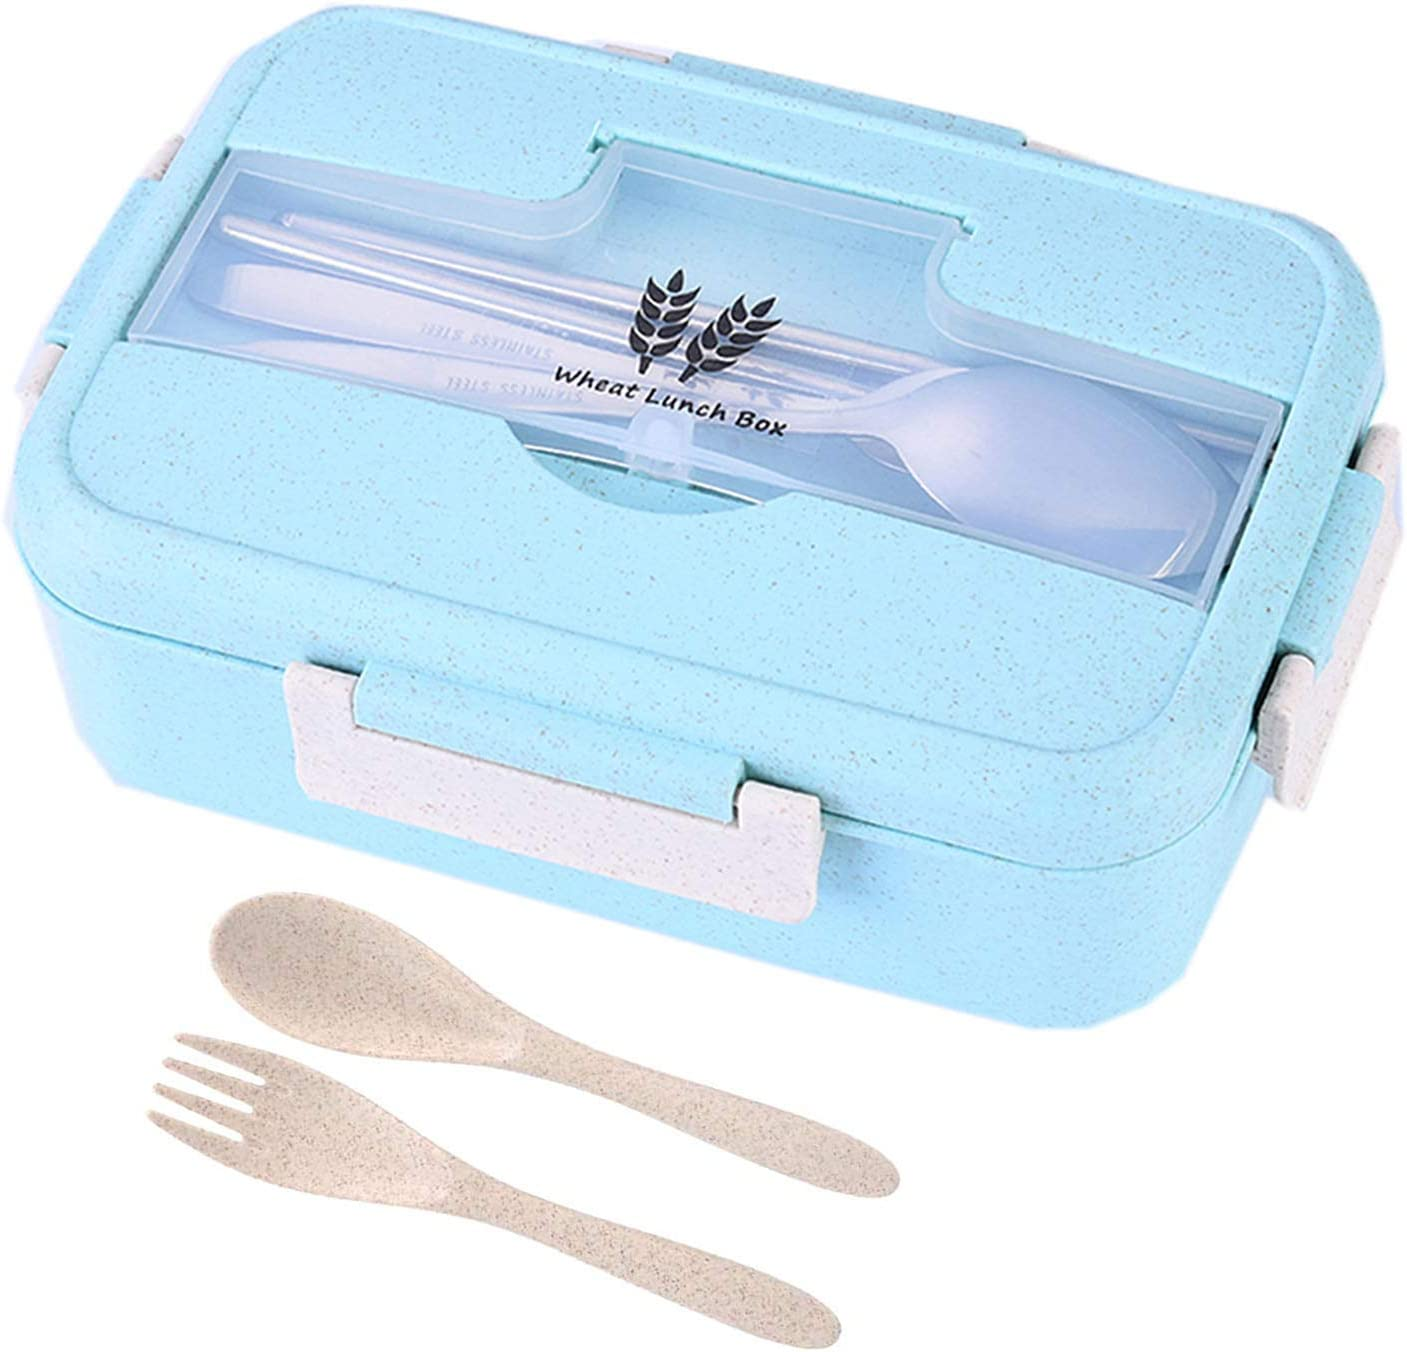 Fiambrera Infantil Caja de Bento,Infantil Paja de Trigo loncheras,Bento Box con 3 Compartimentos y Cubiertos, para el Trabajo, Escuela, Viajes (Verde)